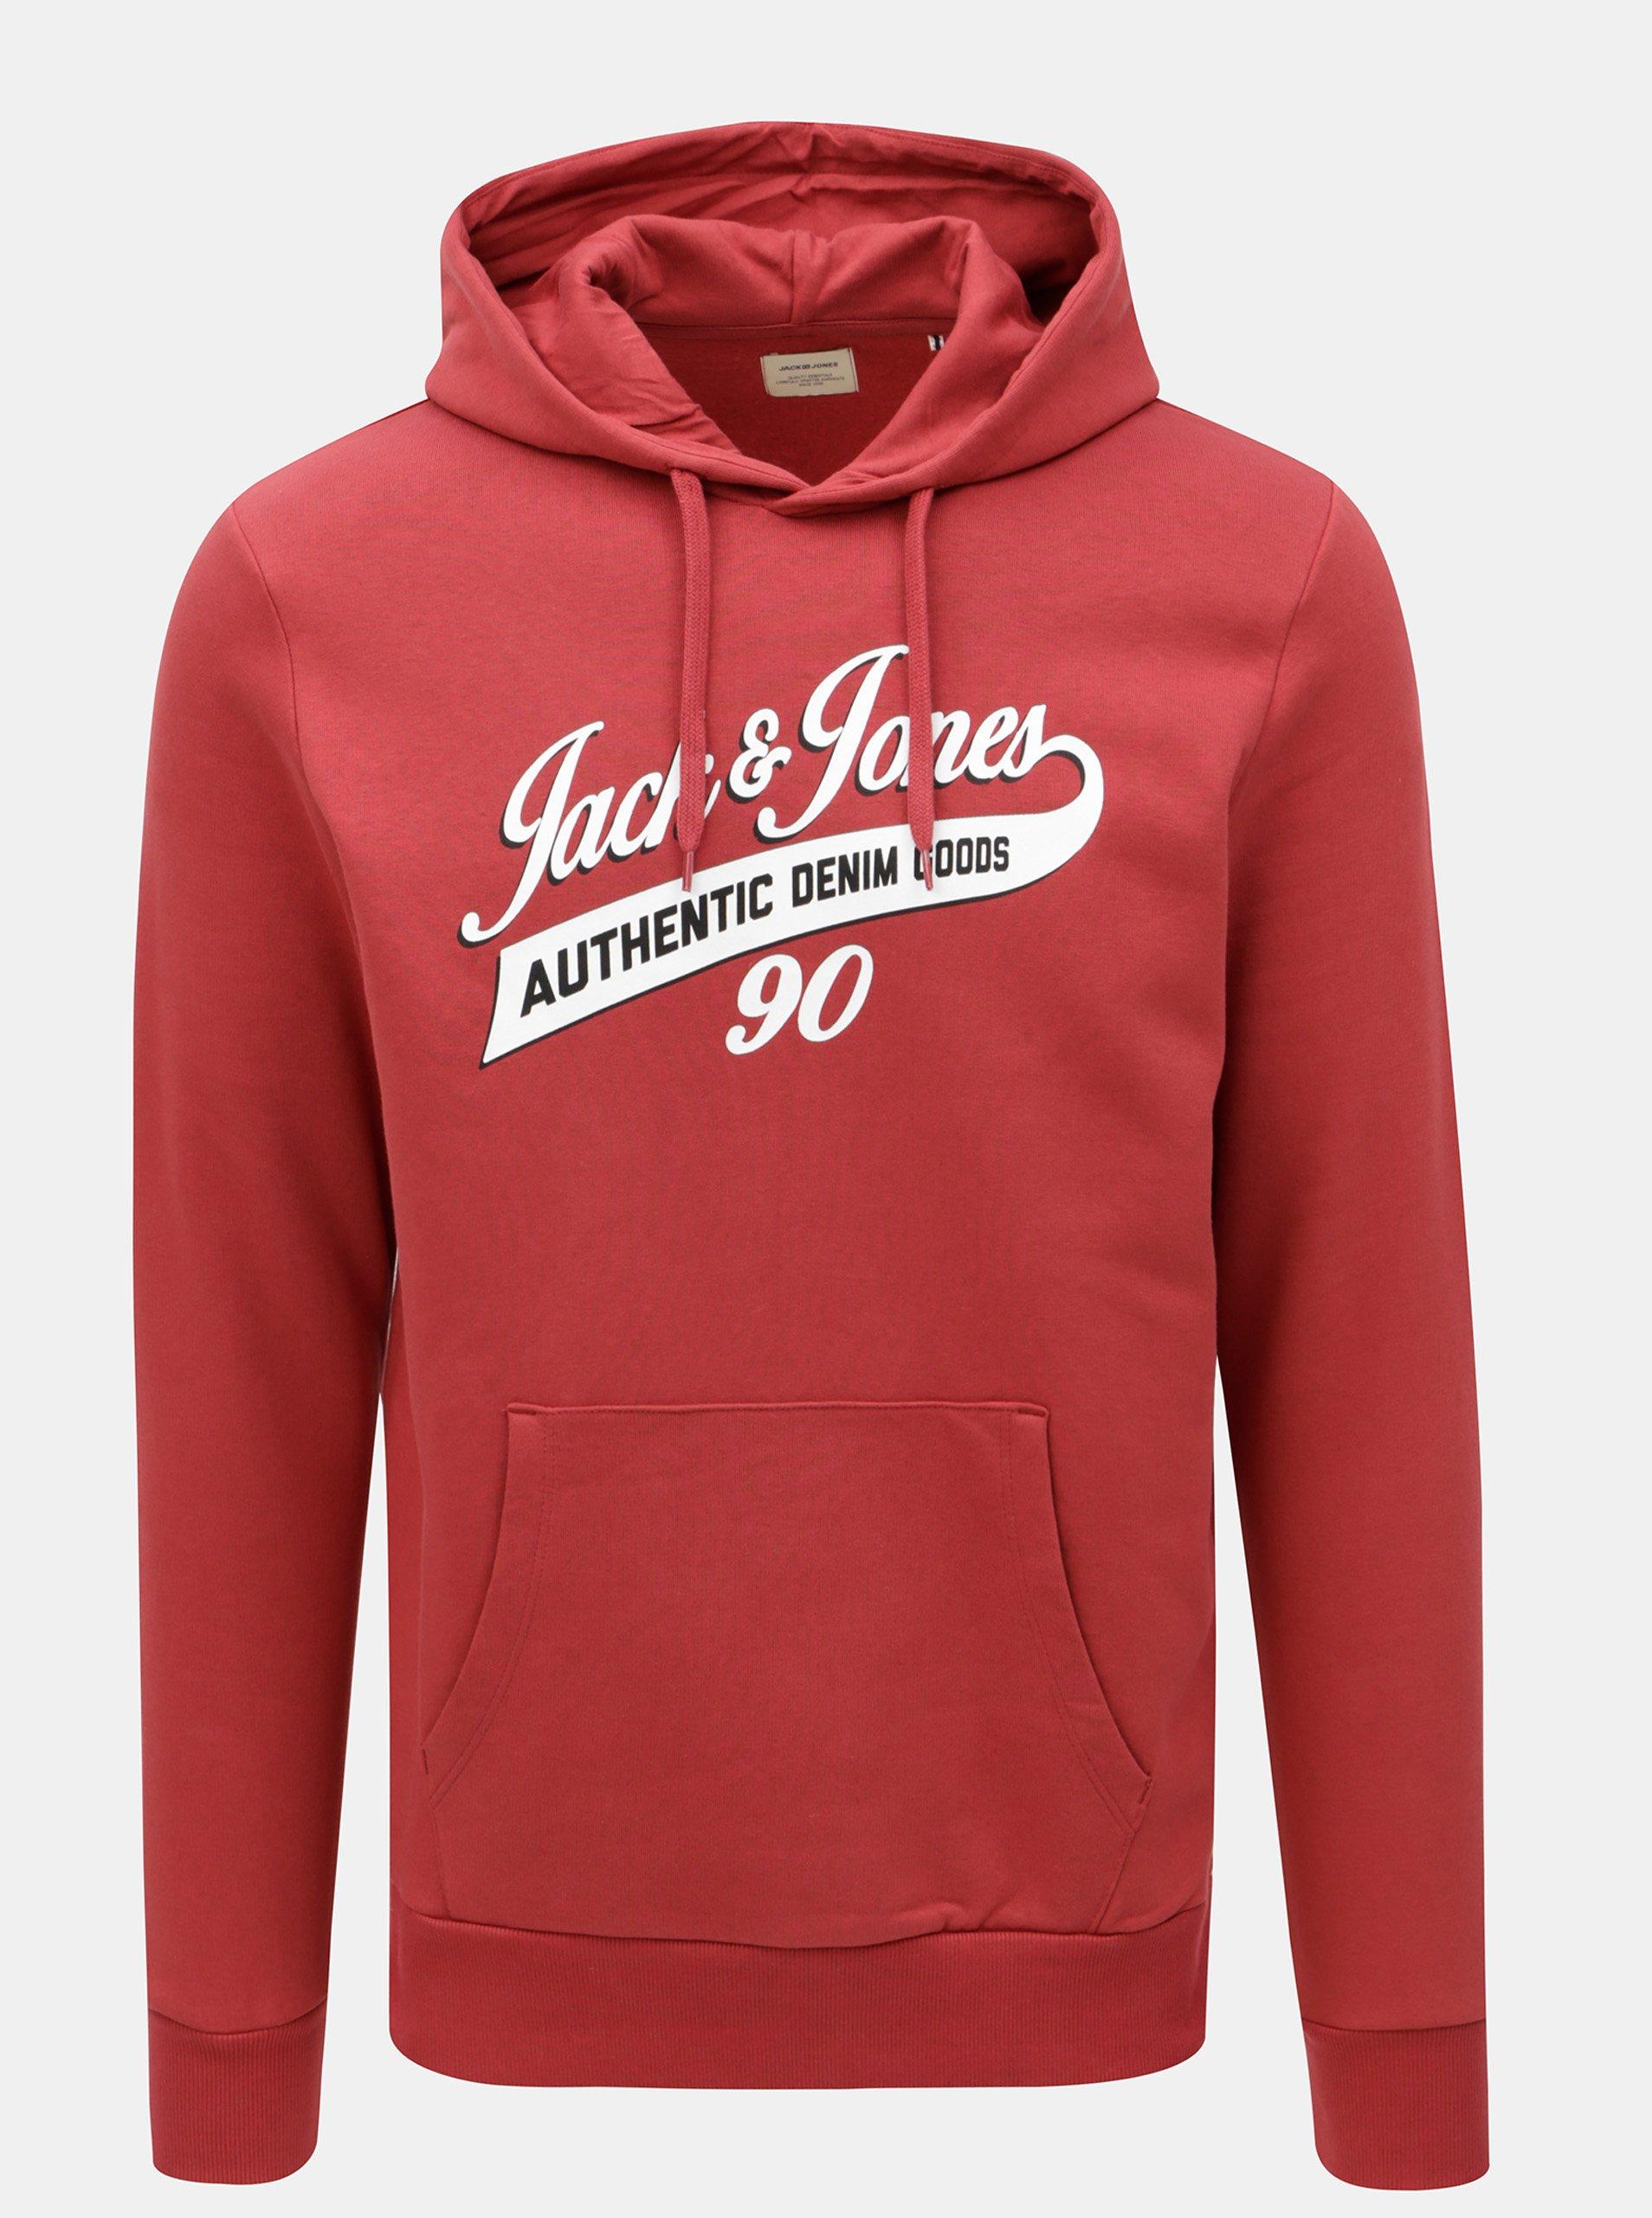 Červená mikina s potiskem Jack   Jones Logo 25256605f3